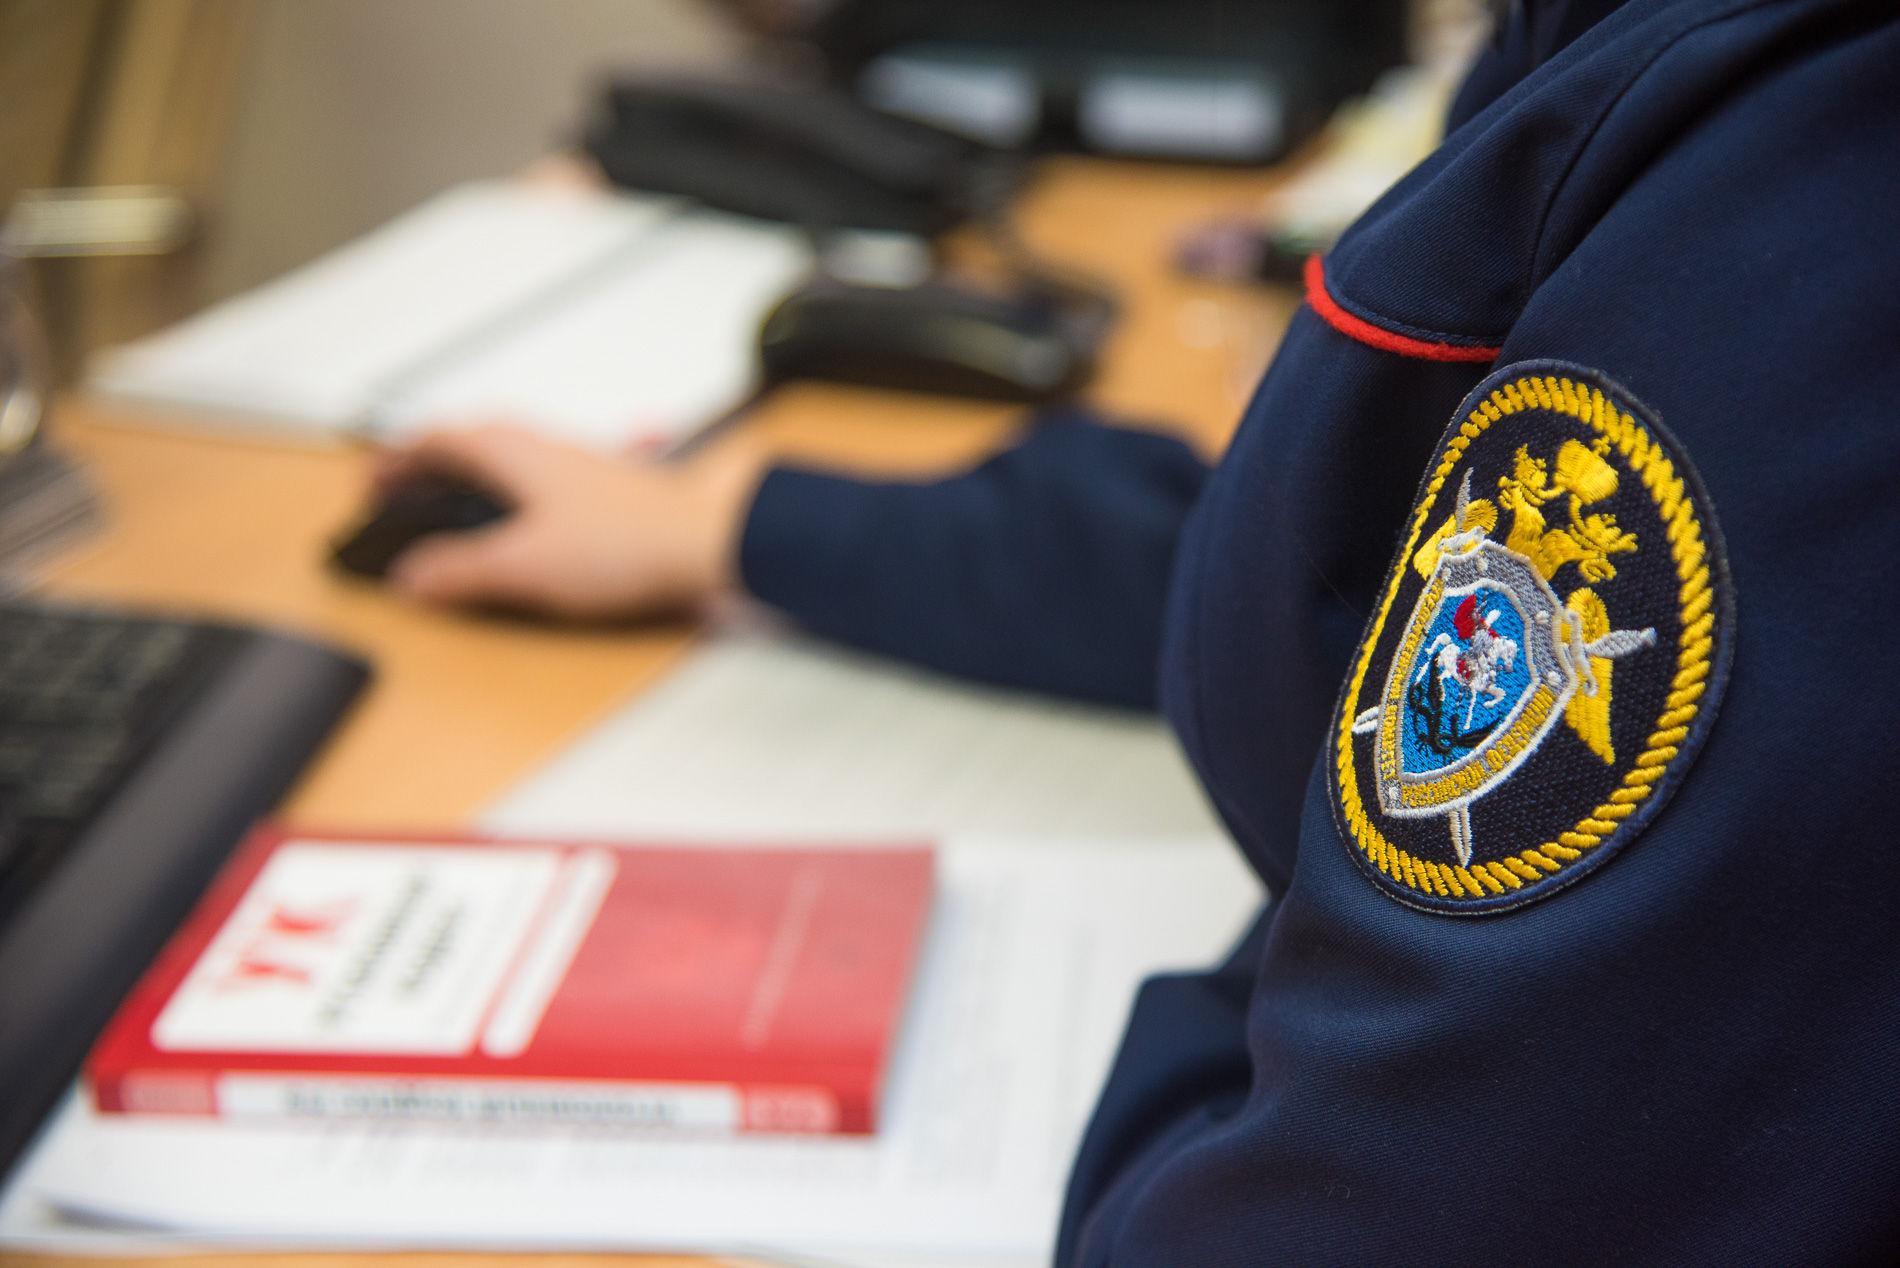 ВКущеввском районе заместитель руководителя администрации помог украсть 5 млн руб.